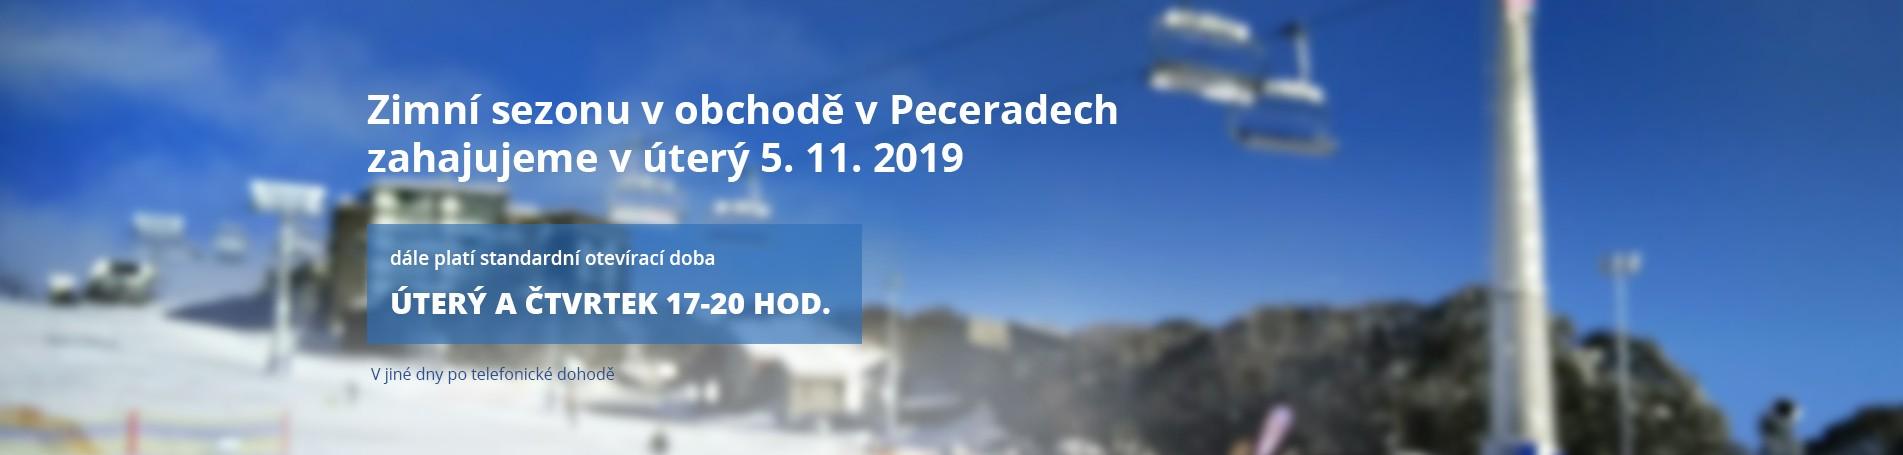 Zimní sezonu v obchodě v Peceradech zahajujeme v úterý 5. 11. 2019